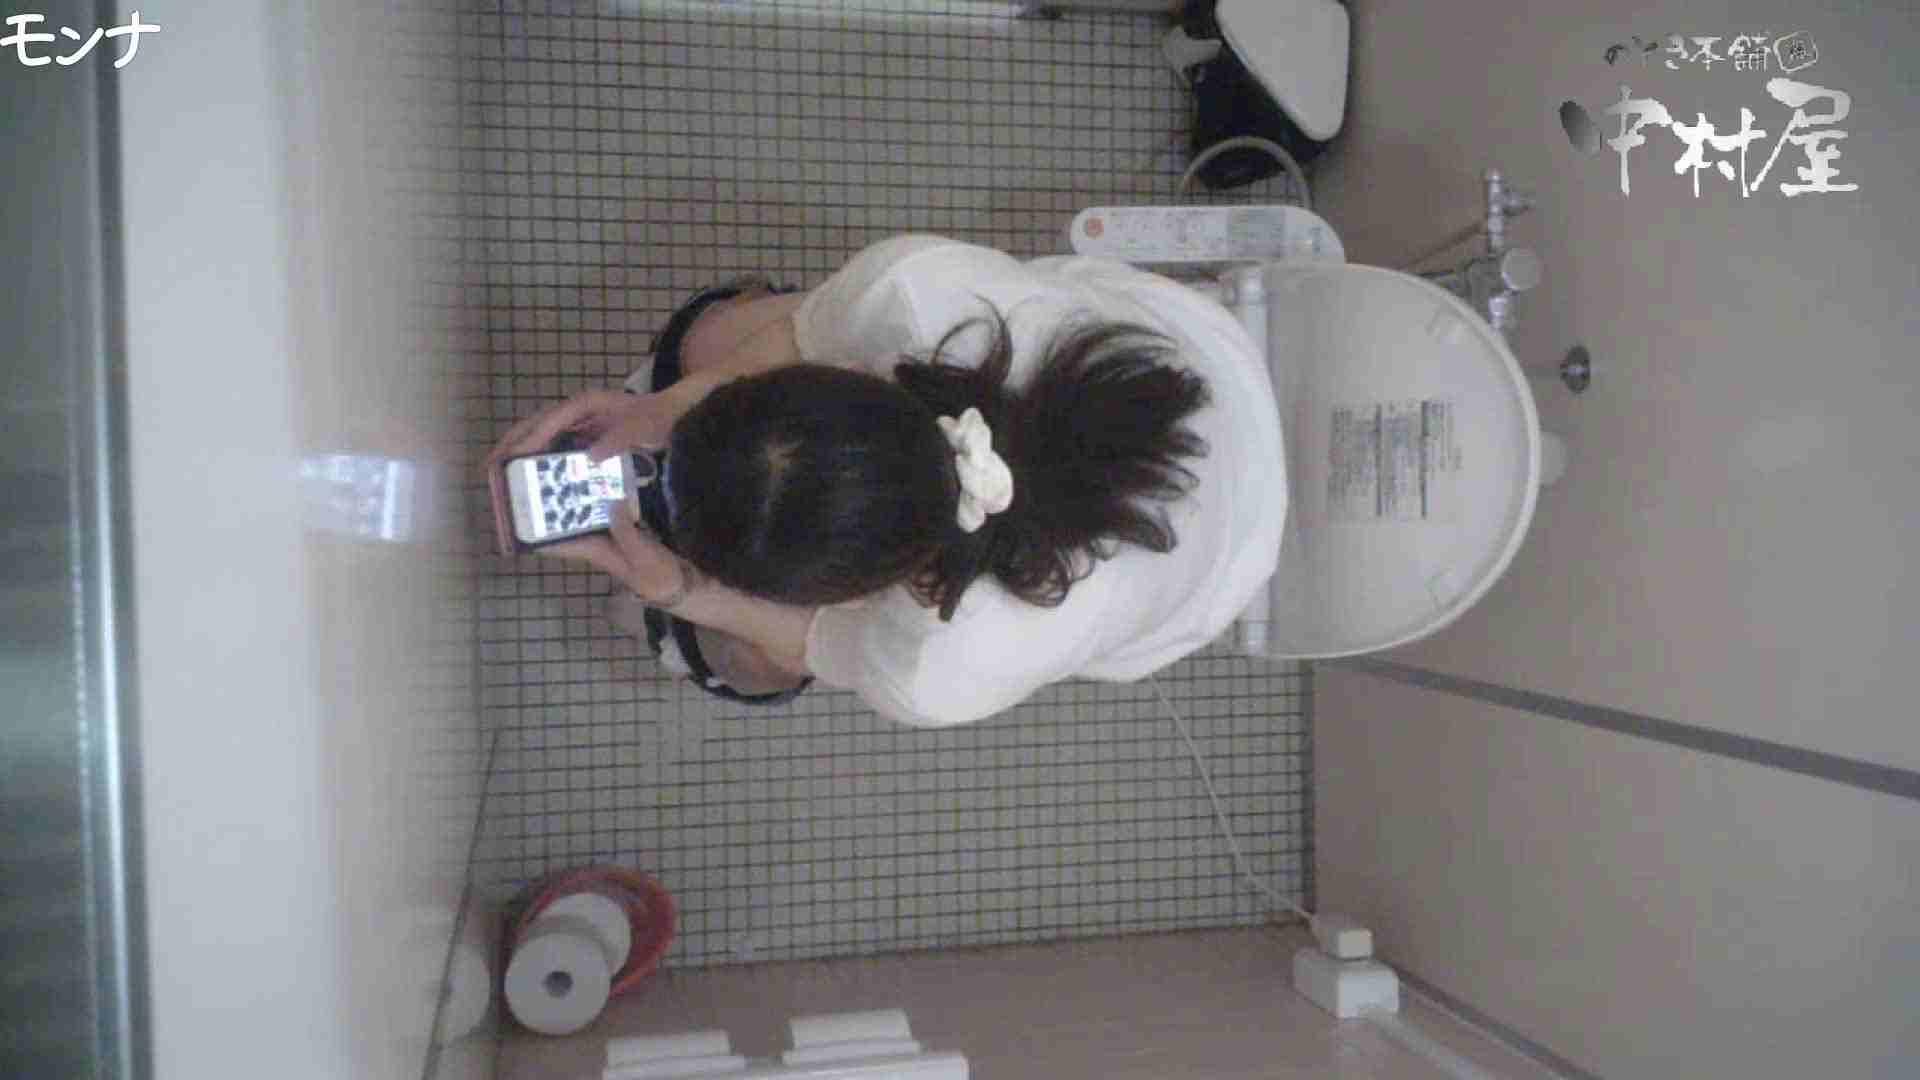 有名大学女性洗面所 vol.65 秘技!!マルチアングル天井撮り!! 和式 | 洗面所  91pic 4